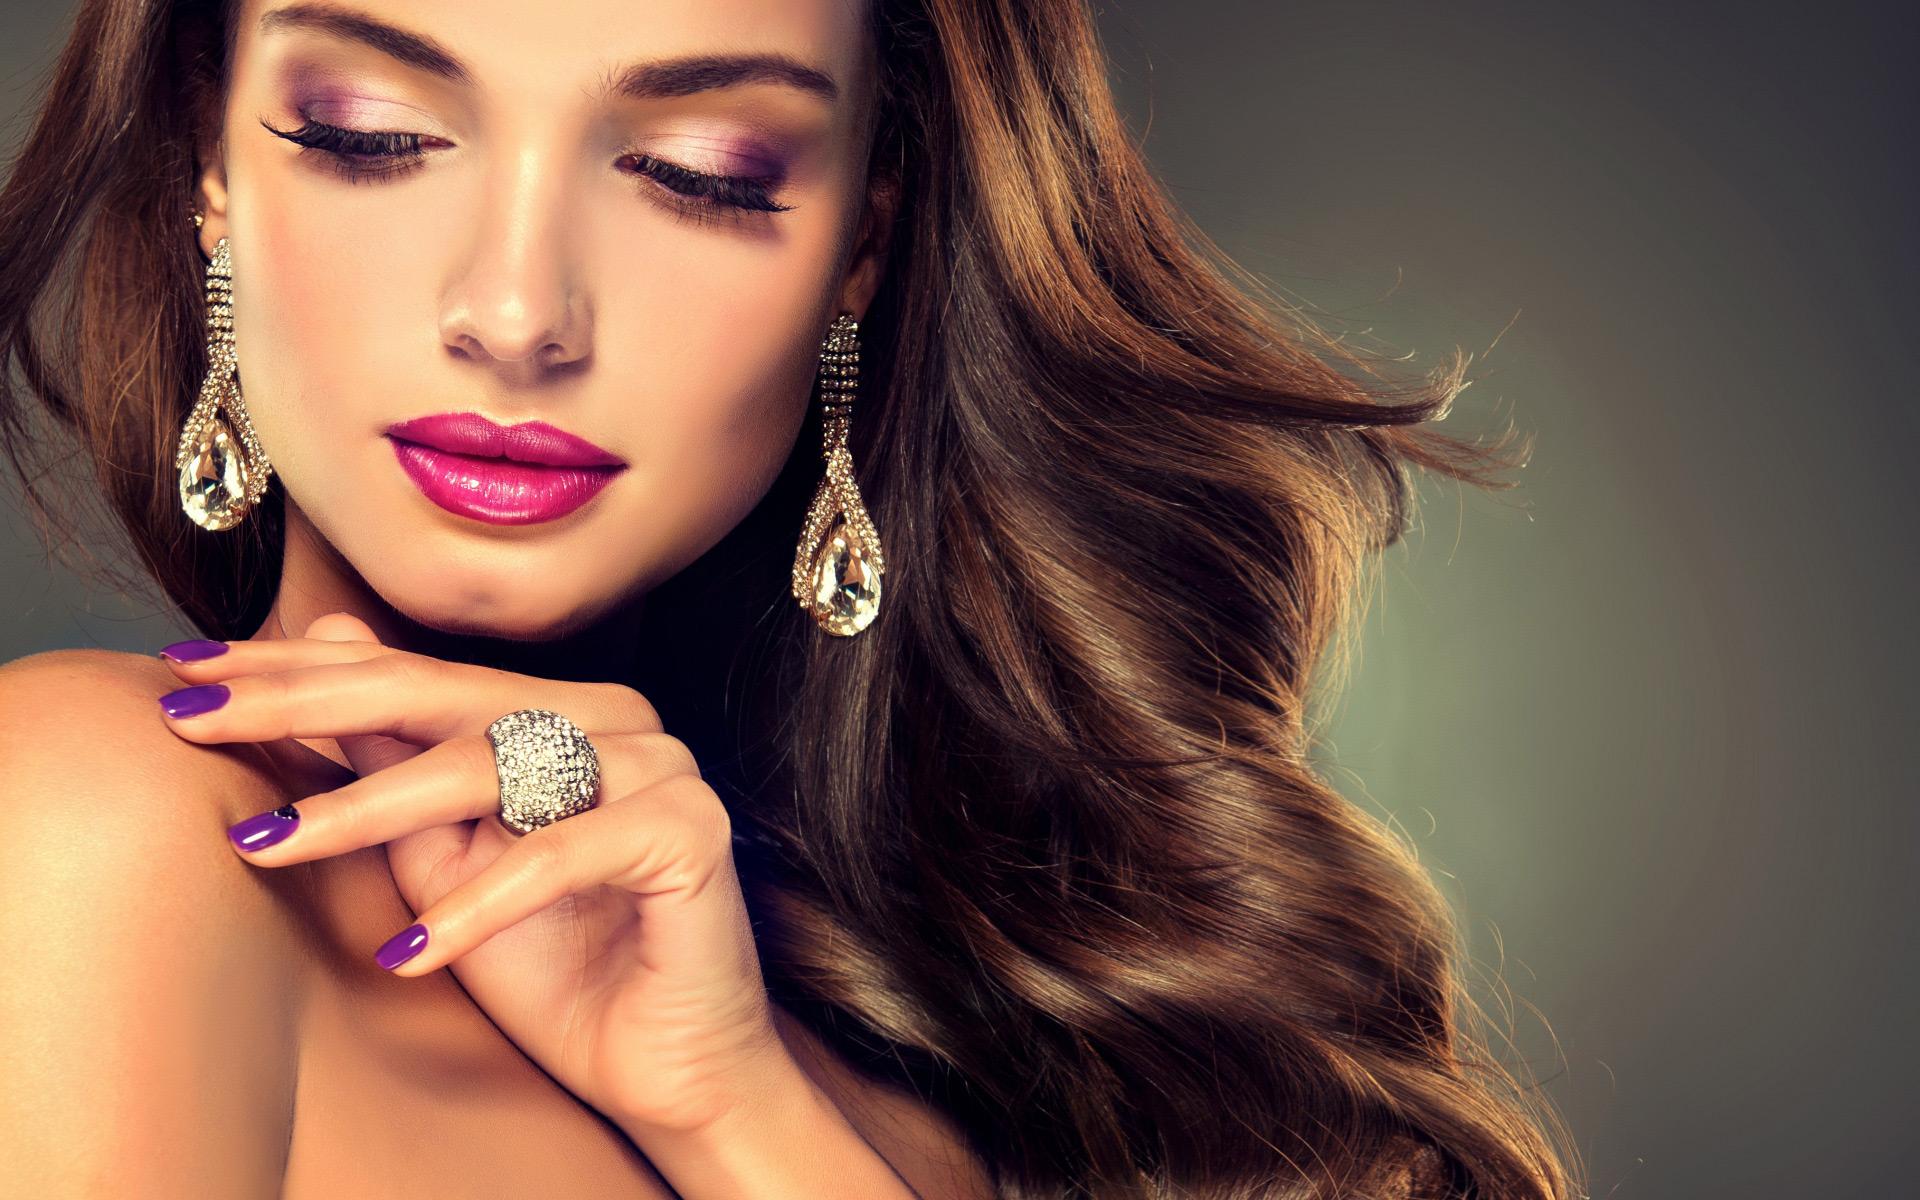 outleet joyeria online - descuento joyas online mejor precio - mejores joyerias españa - joyeria marga mira